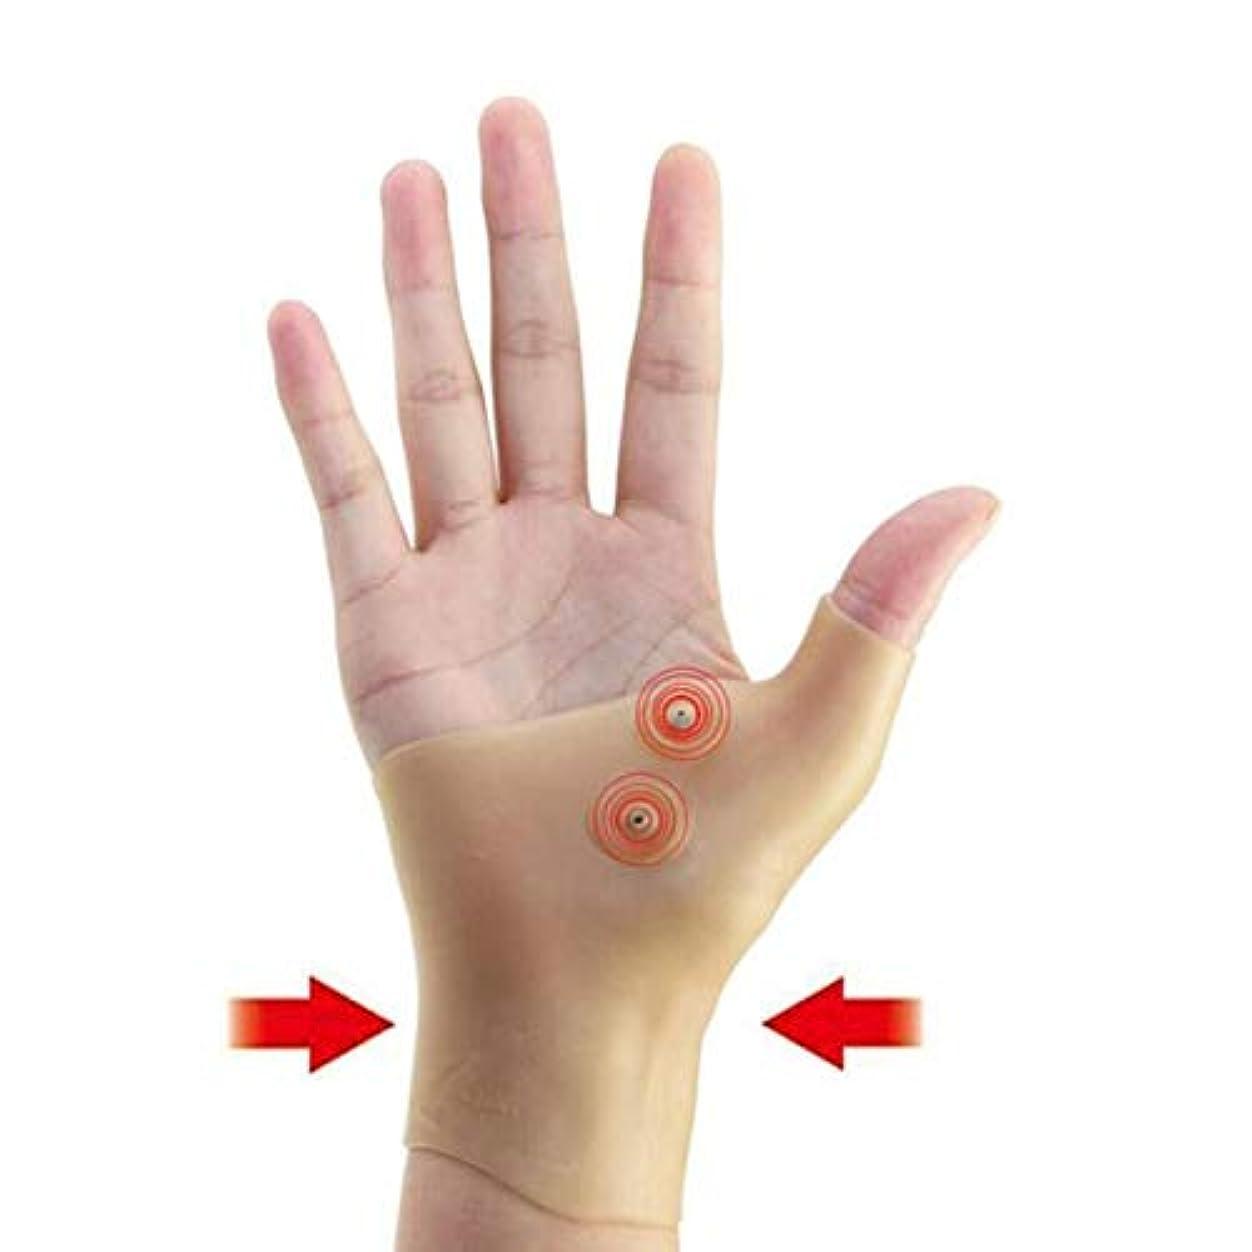 最初に嵐の財団友美 磁気療法の手首の親指サポート手袋のシリコーンのゲルのマッサージの苦痛救助